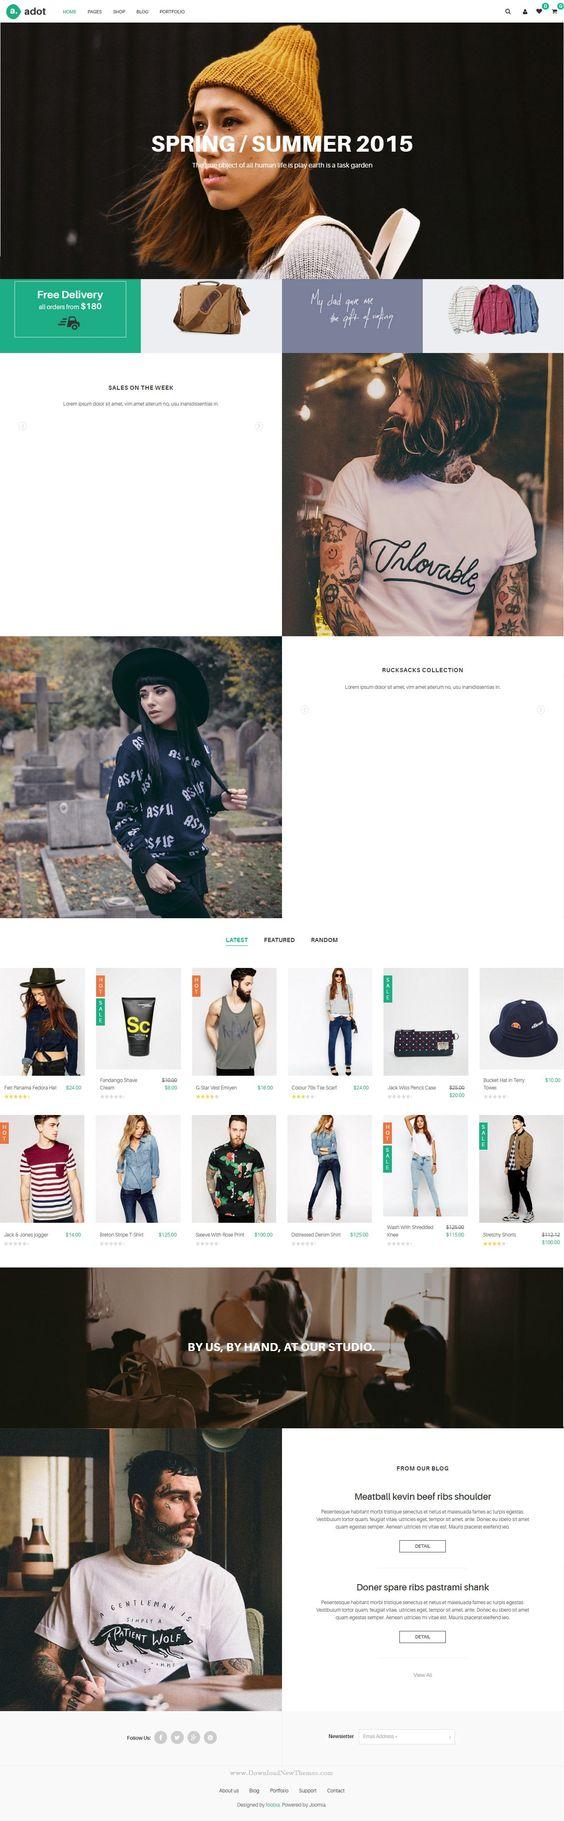 Joomla tshirt design - Joomla Templates